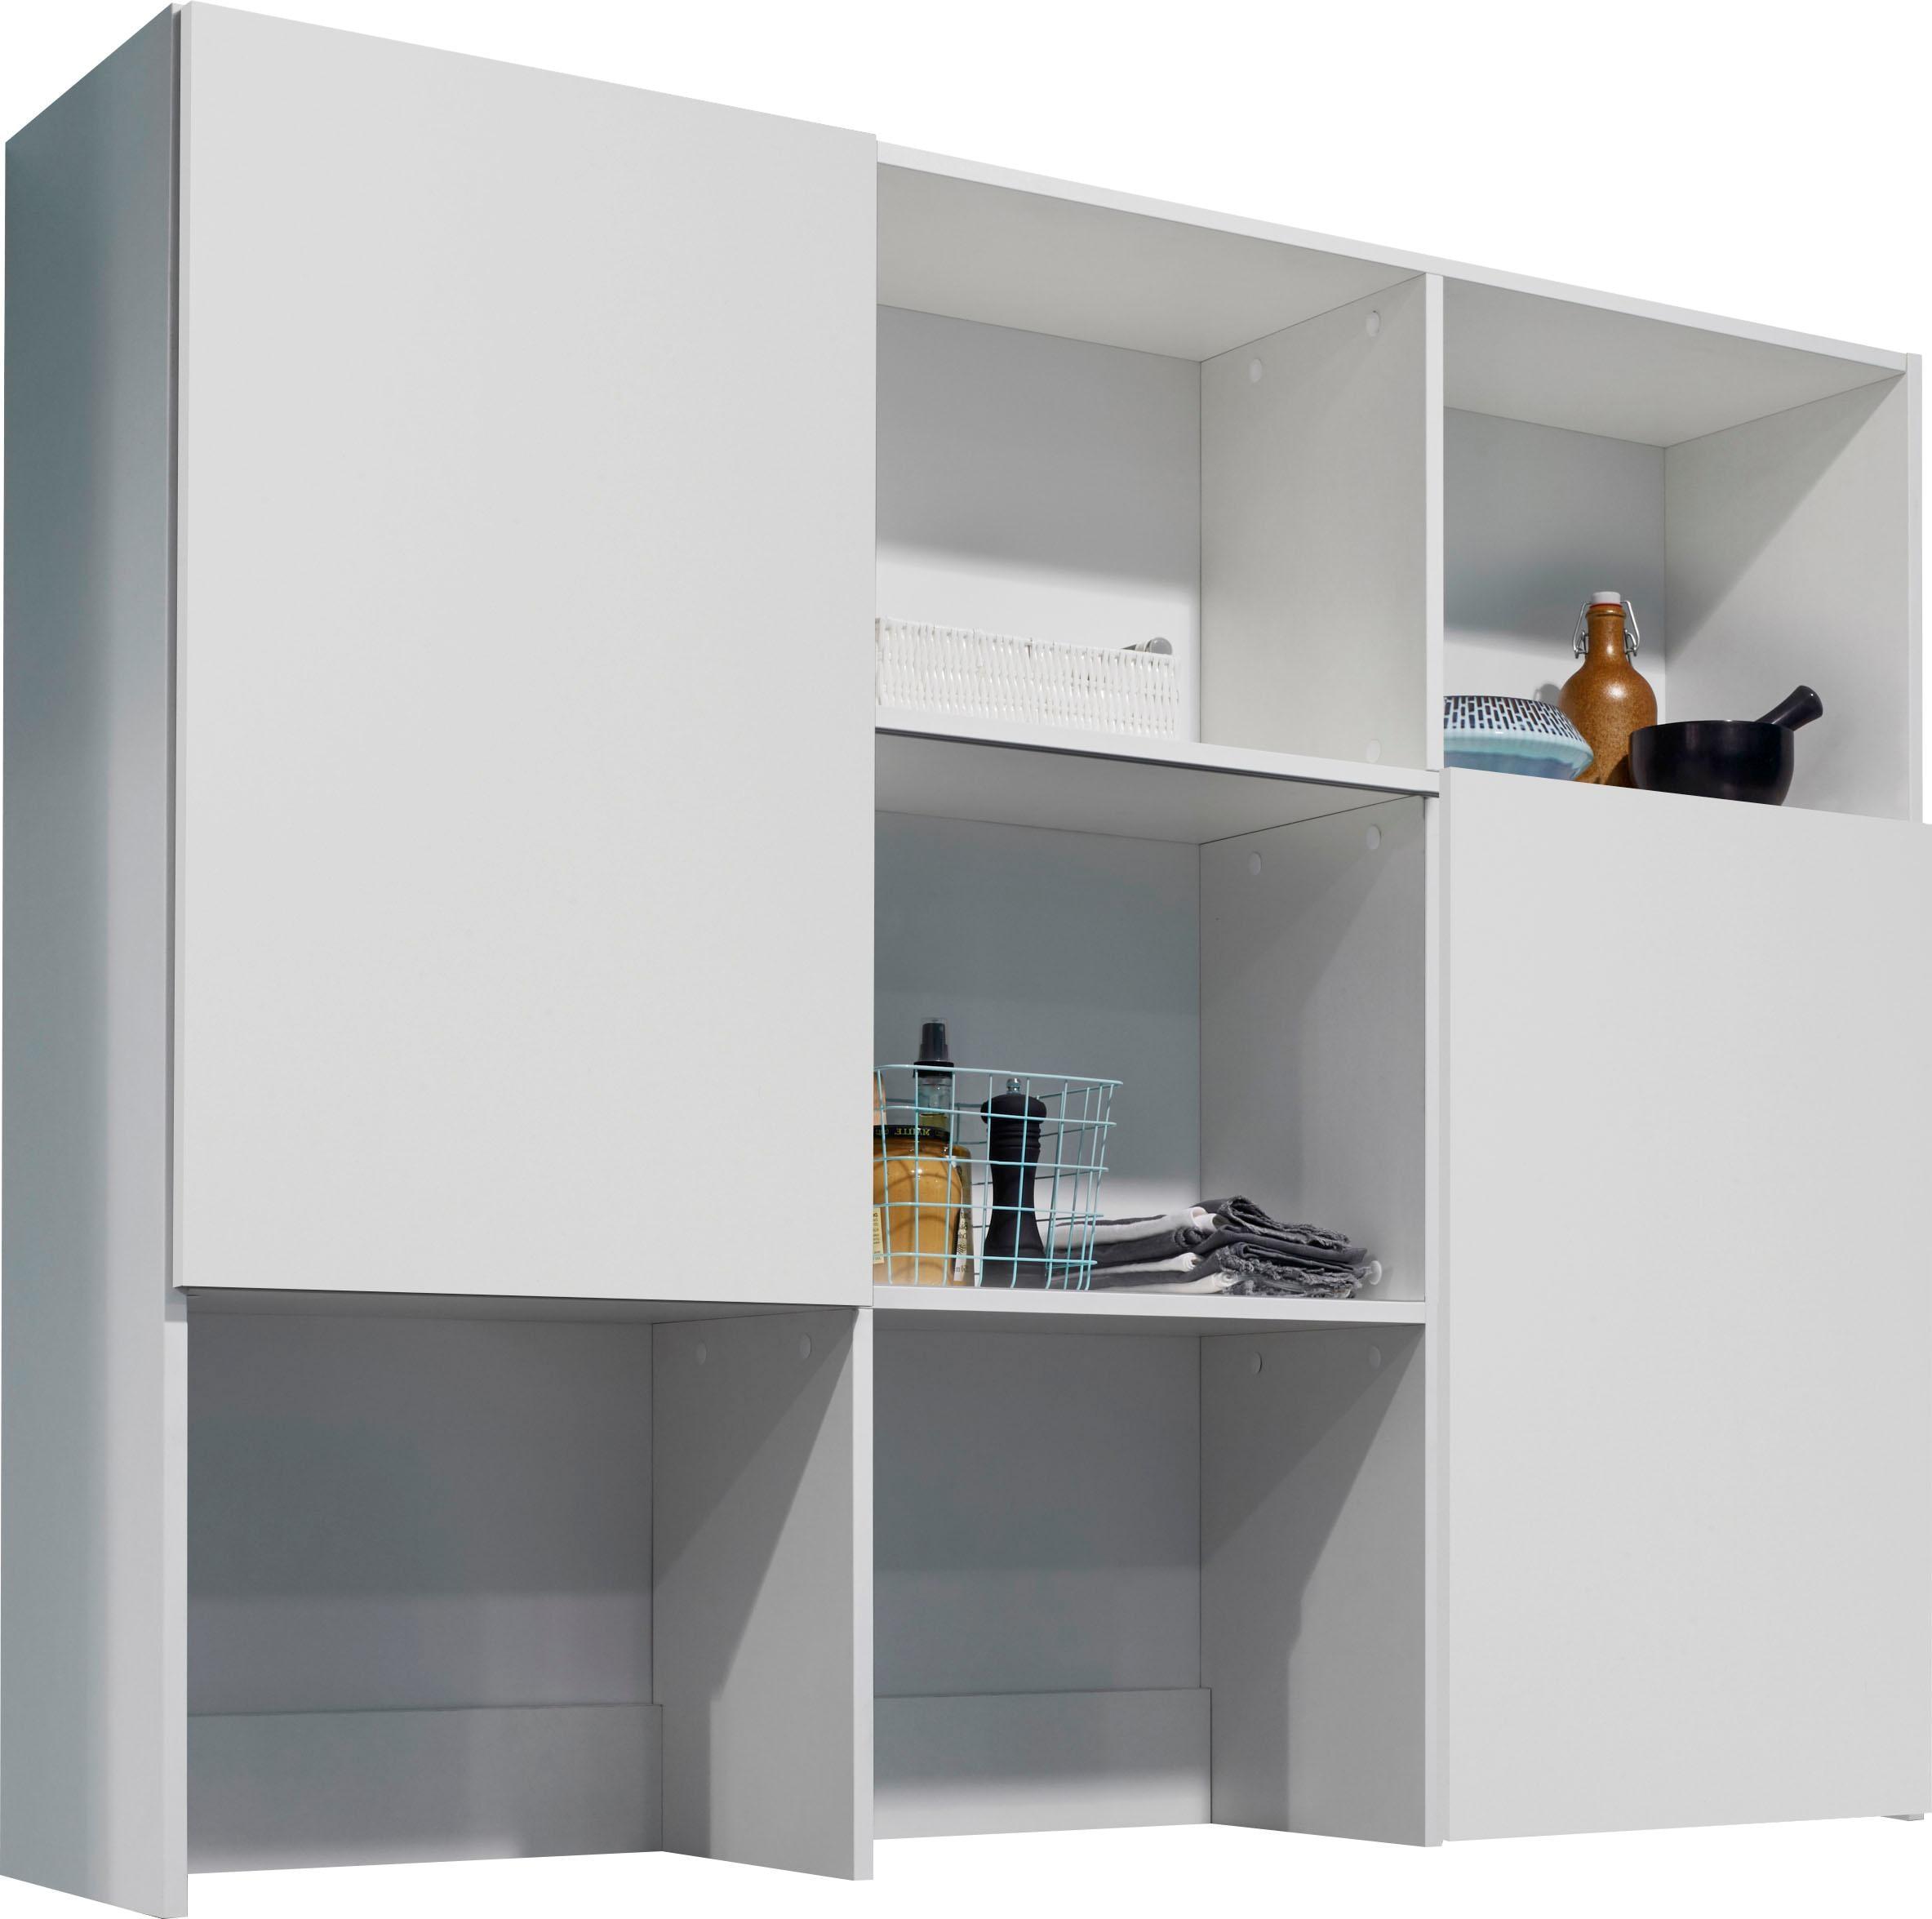 OPTIFIT Aufsatzregal Mini weiß Zubehör für Kleiderschränke Möbel Möbelaufsätze